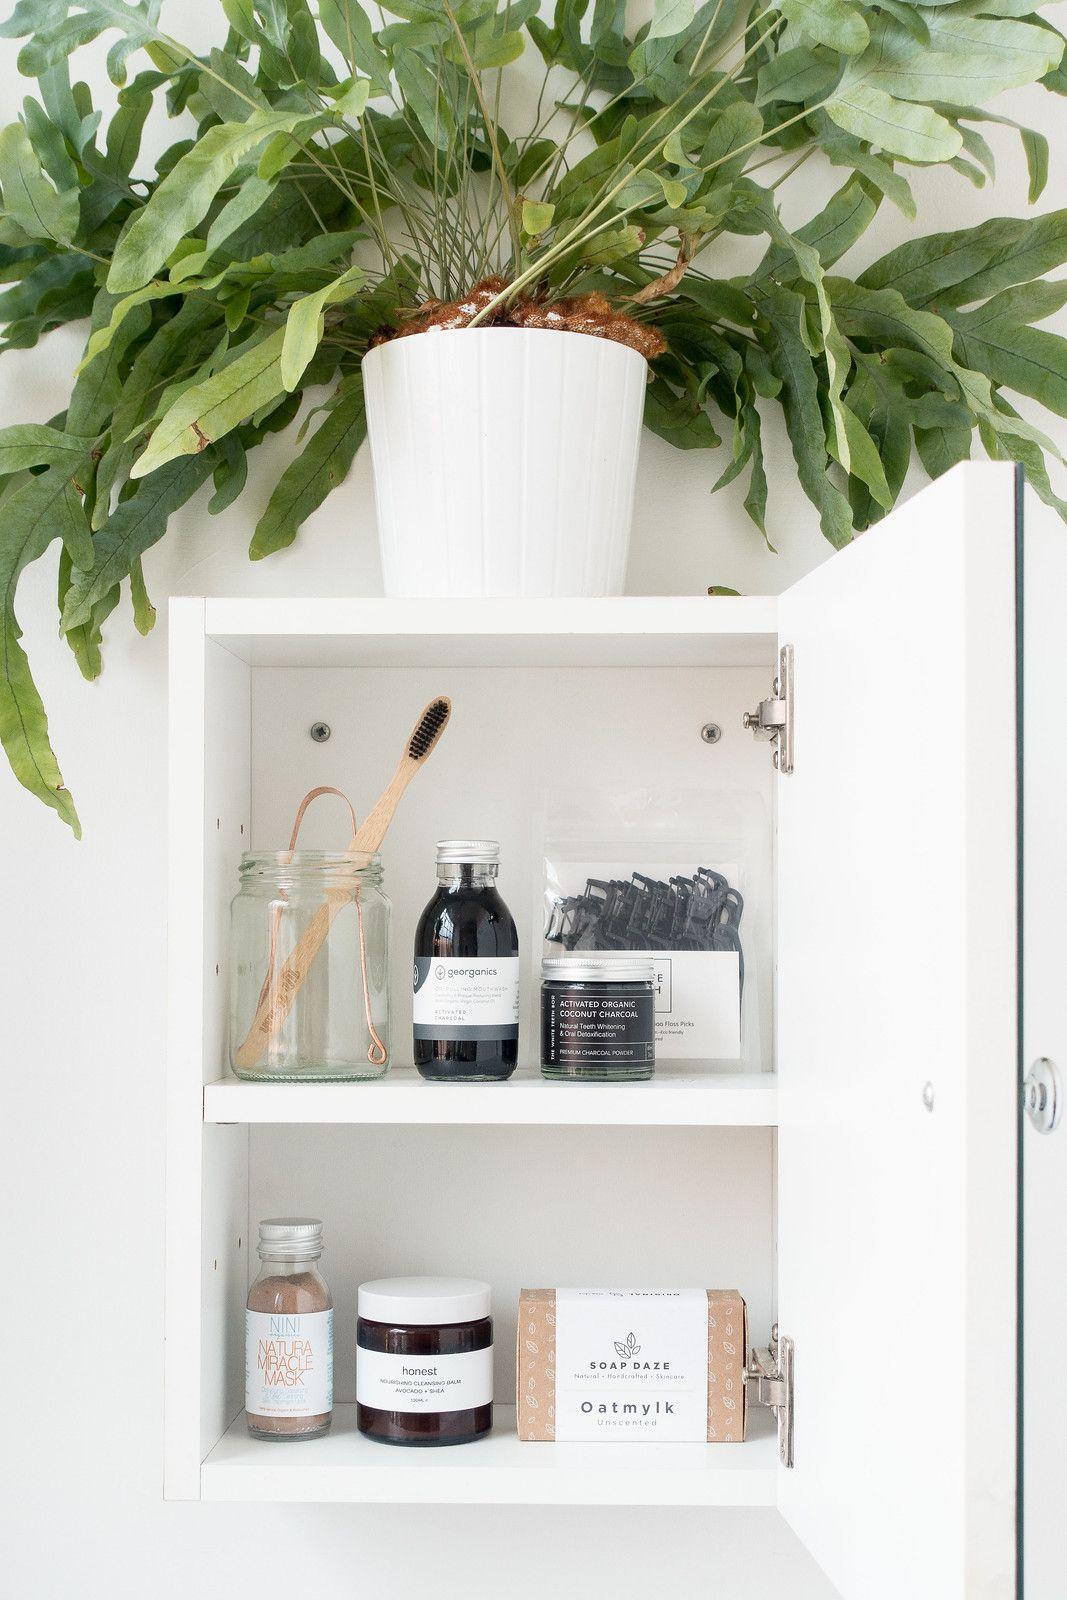 A Low Waste Bathroom in 2020 | Bathroom essentials, Zero ...